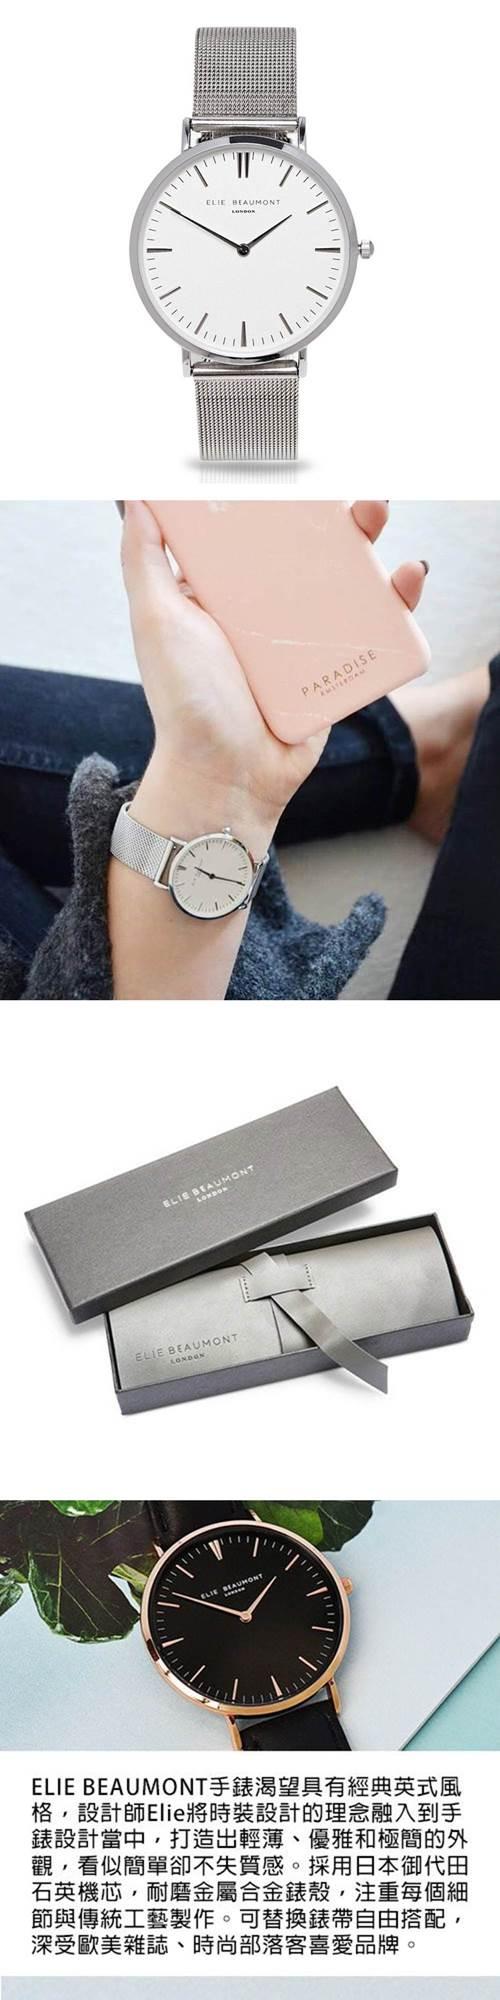 (複製)Elie Beaumont 英國時尚手錶 牛津米蘭錶帶系列 深灰色錶盤錶帶x玫瑰金錶框33mm